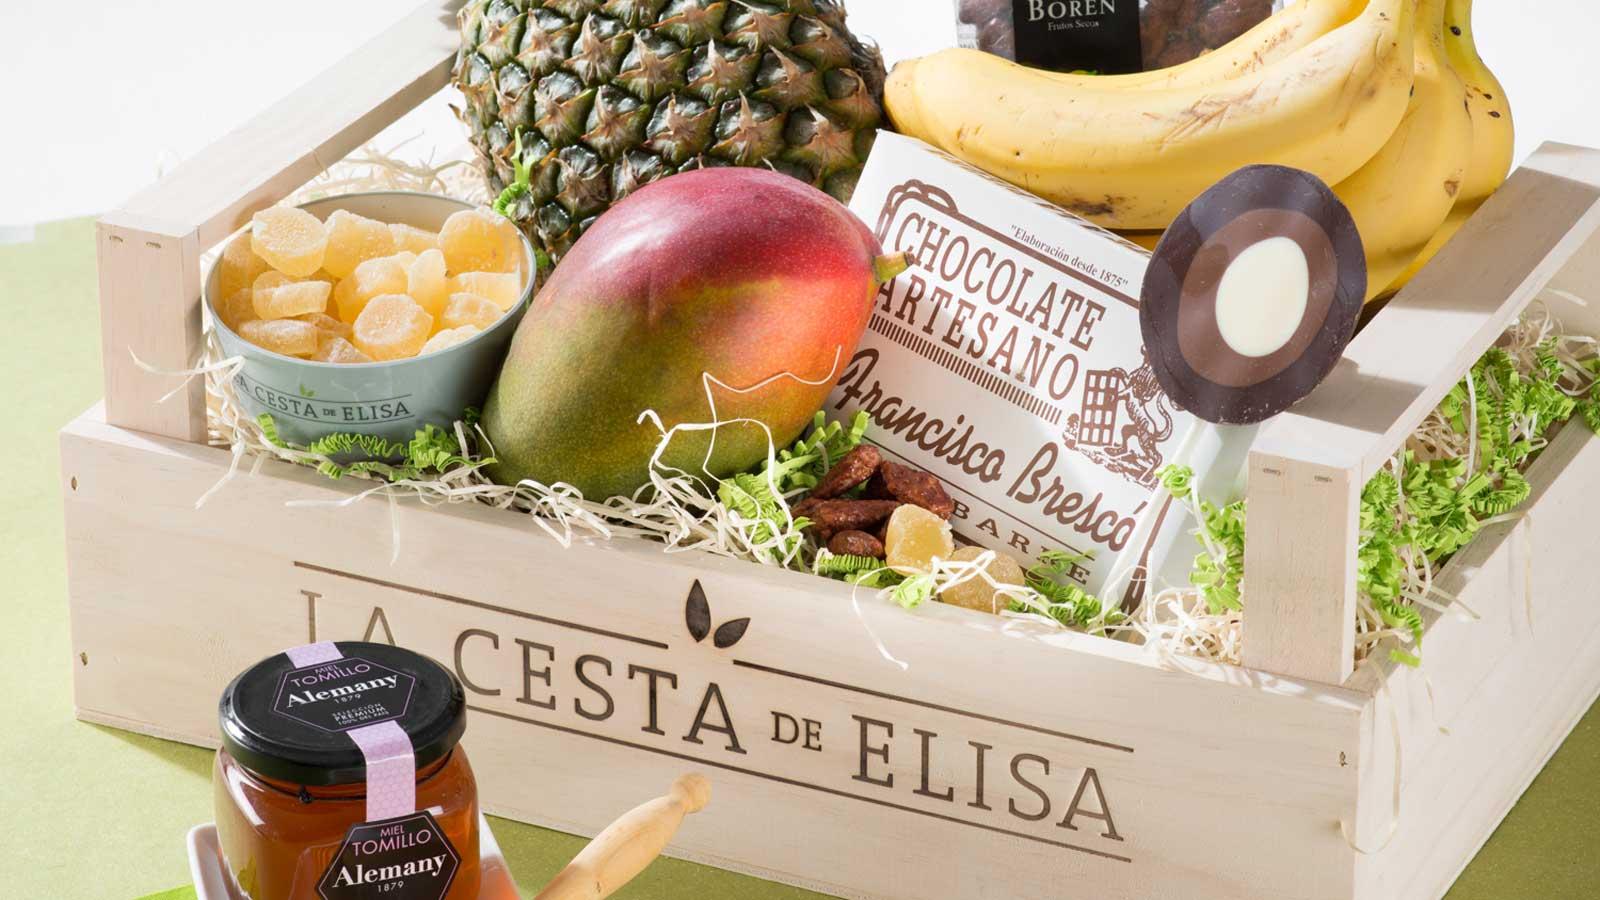 Frutas para regalar y llevar a la oficina con la cesta de elisa especiales canal cocina - Fruta en la oficina ...